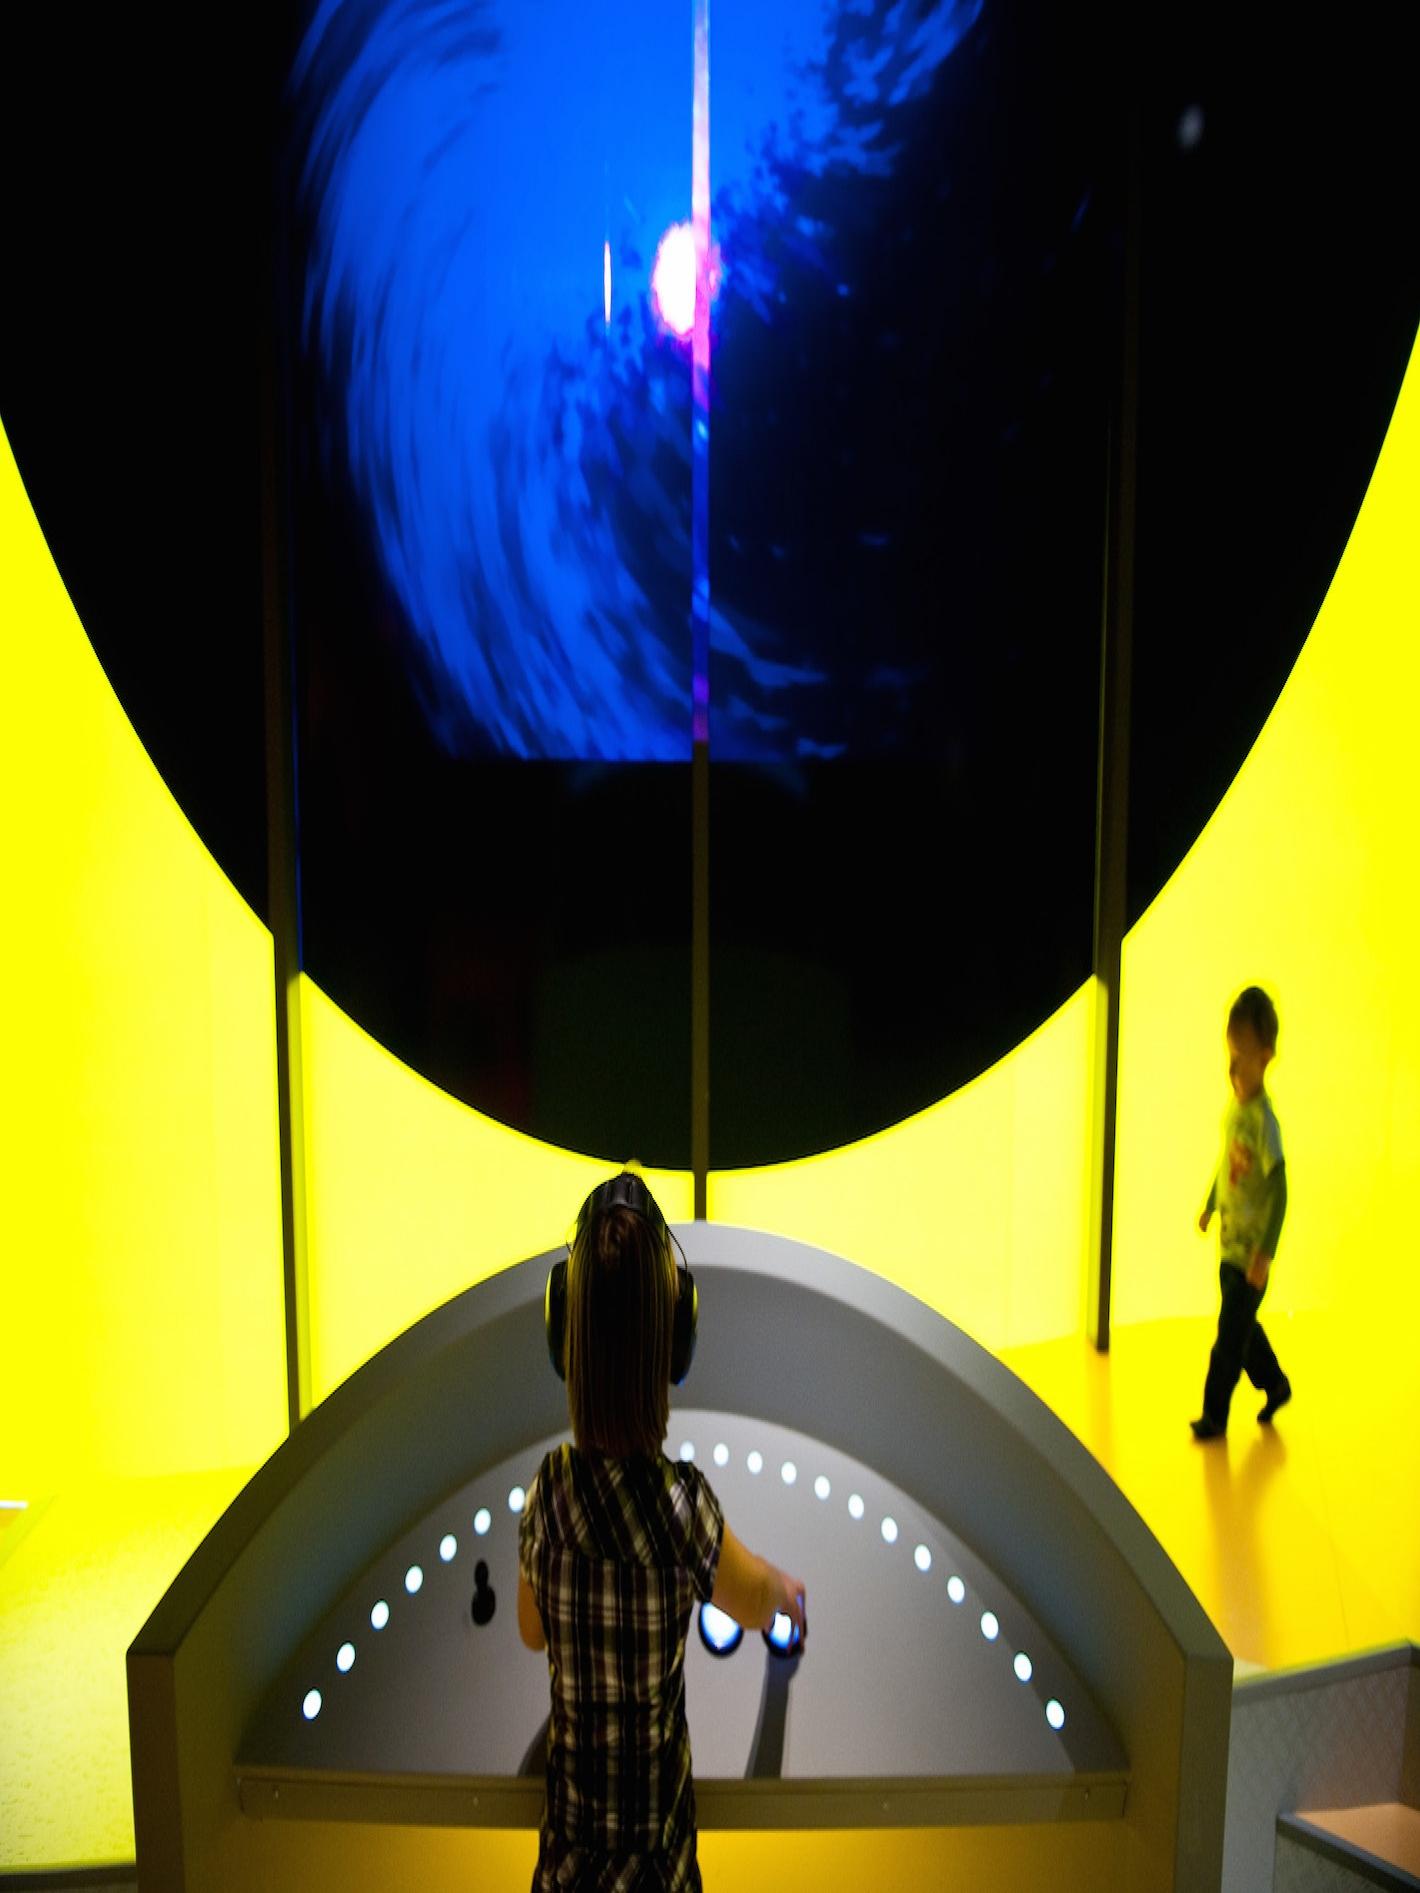 Criança brincando em instalação no Museu das Culturas Mundiais.